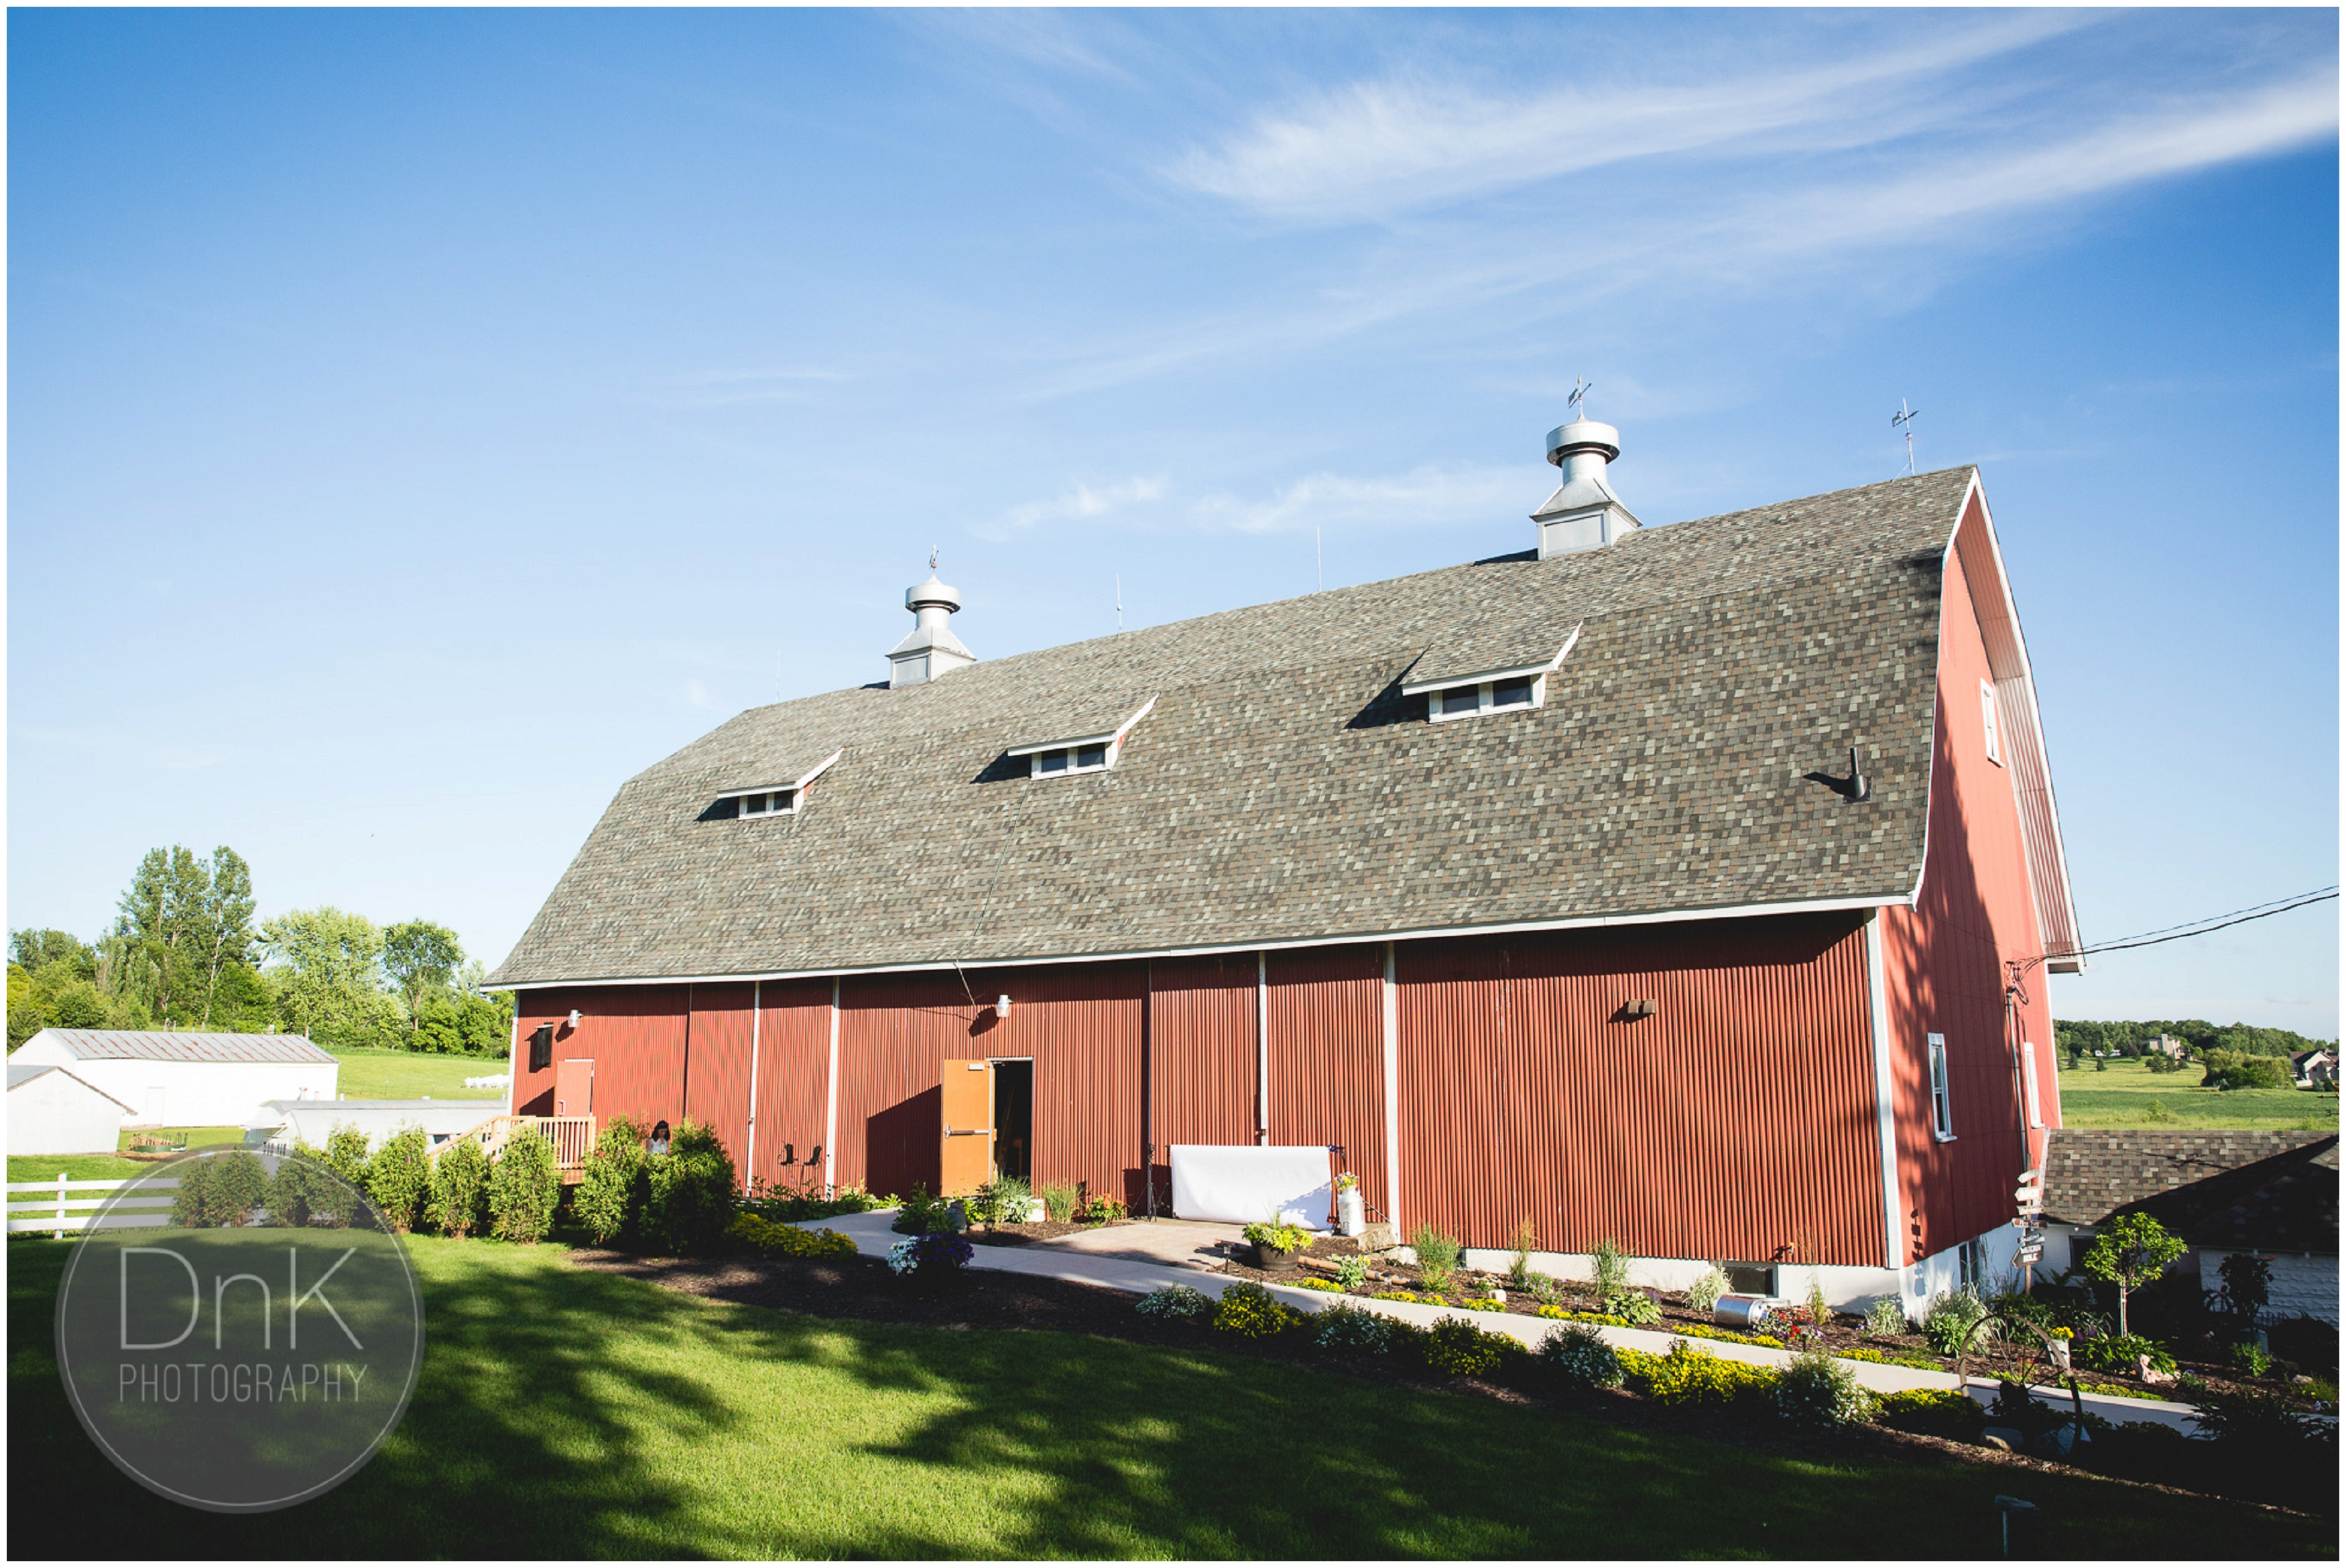 38- Dellwood Barn Wedding Reception